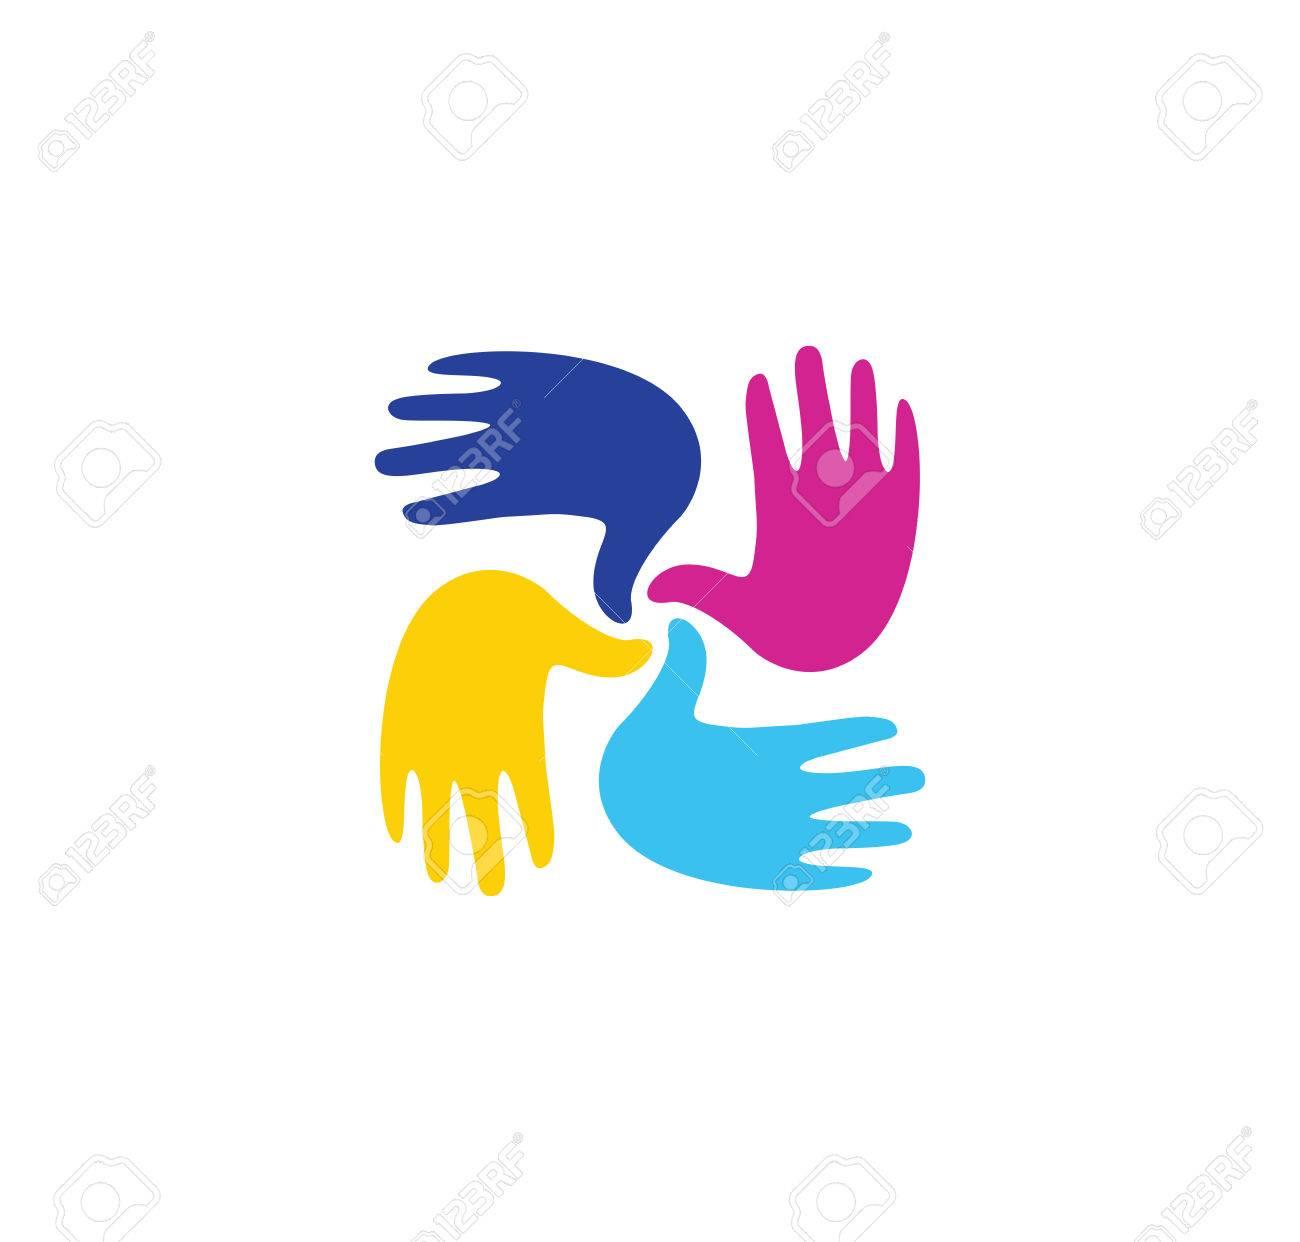 aislados infantiles de colores abstractos manos juntas sala de juegos nios signo de jardn